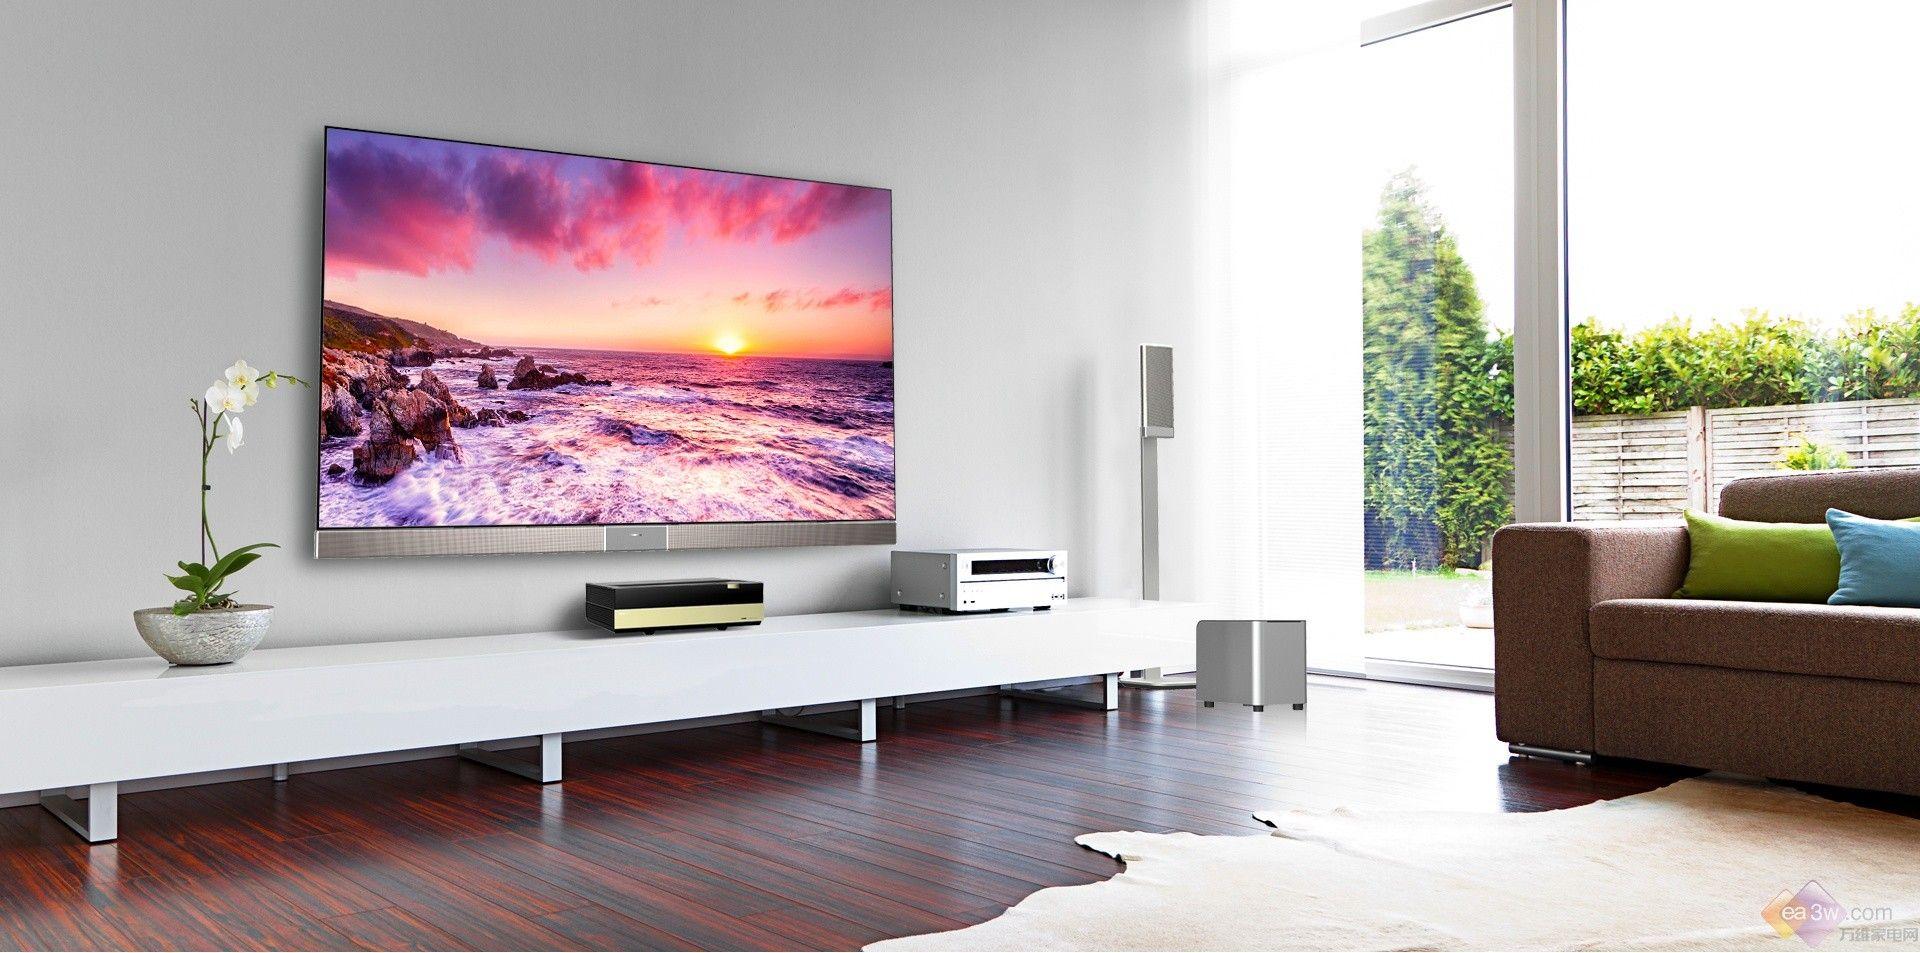 真相大揭秘:激光电视成未来 靠谱吗?